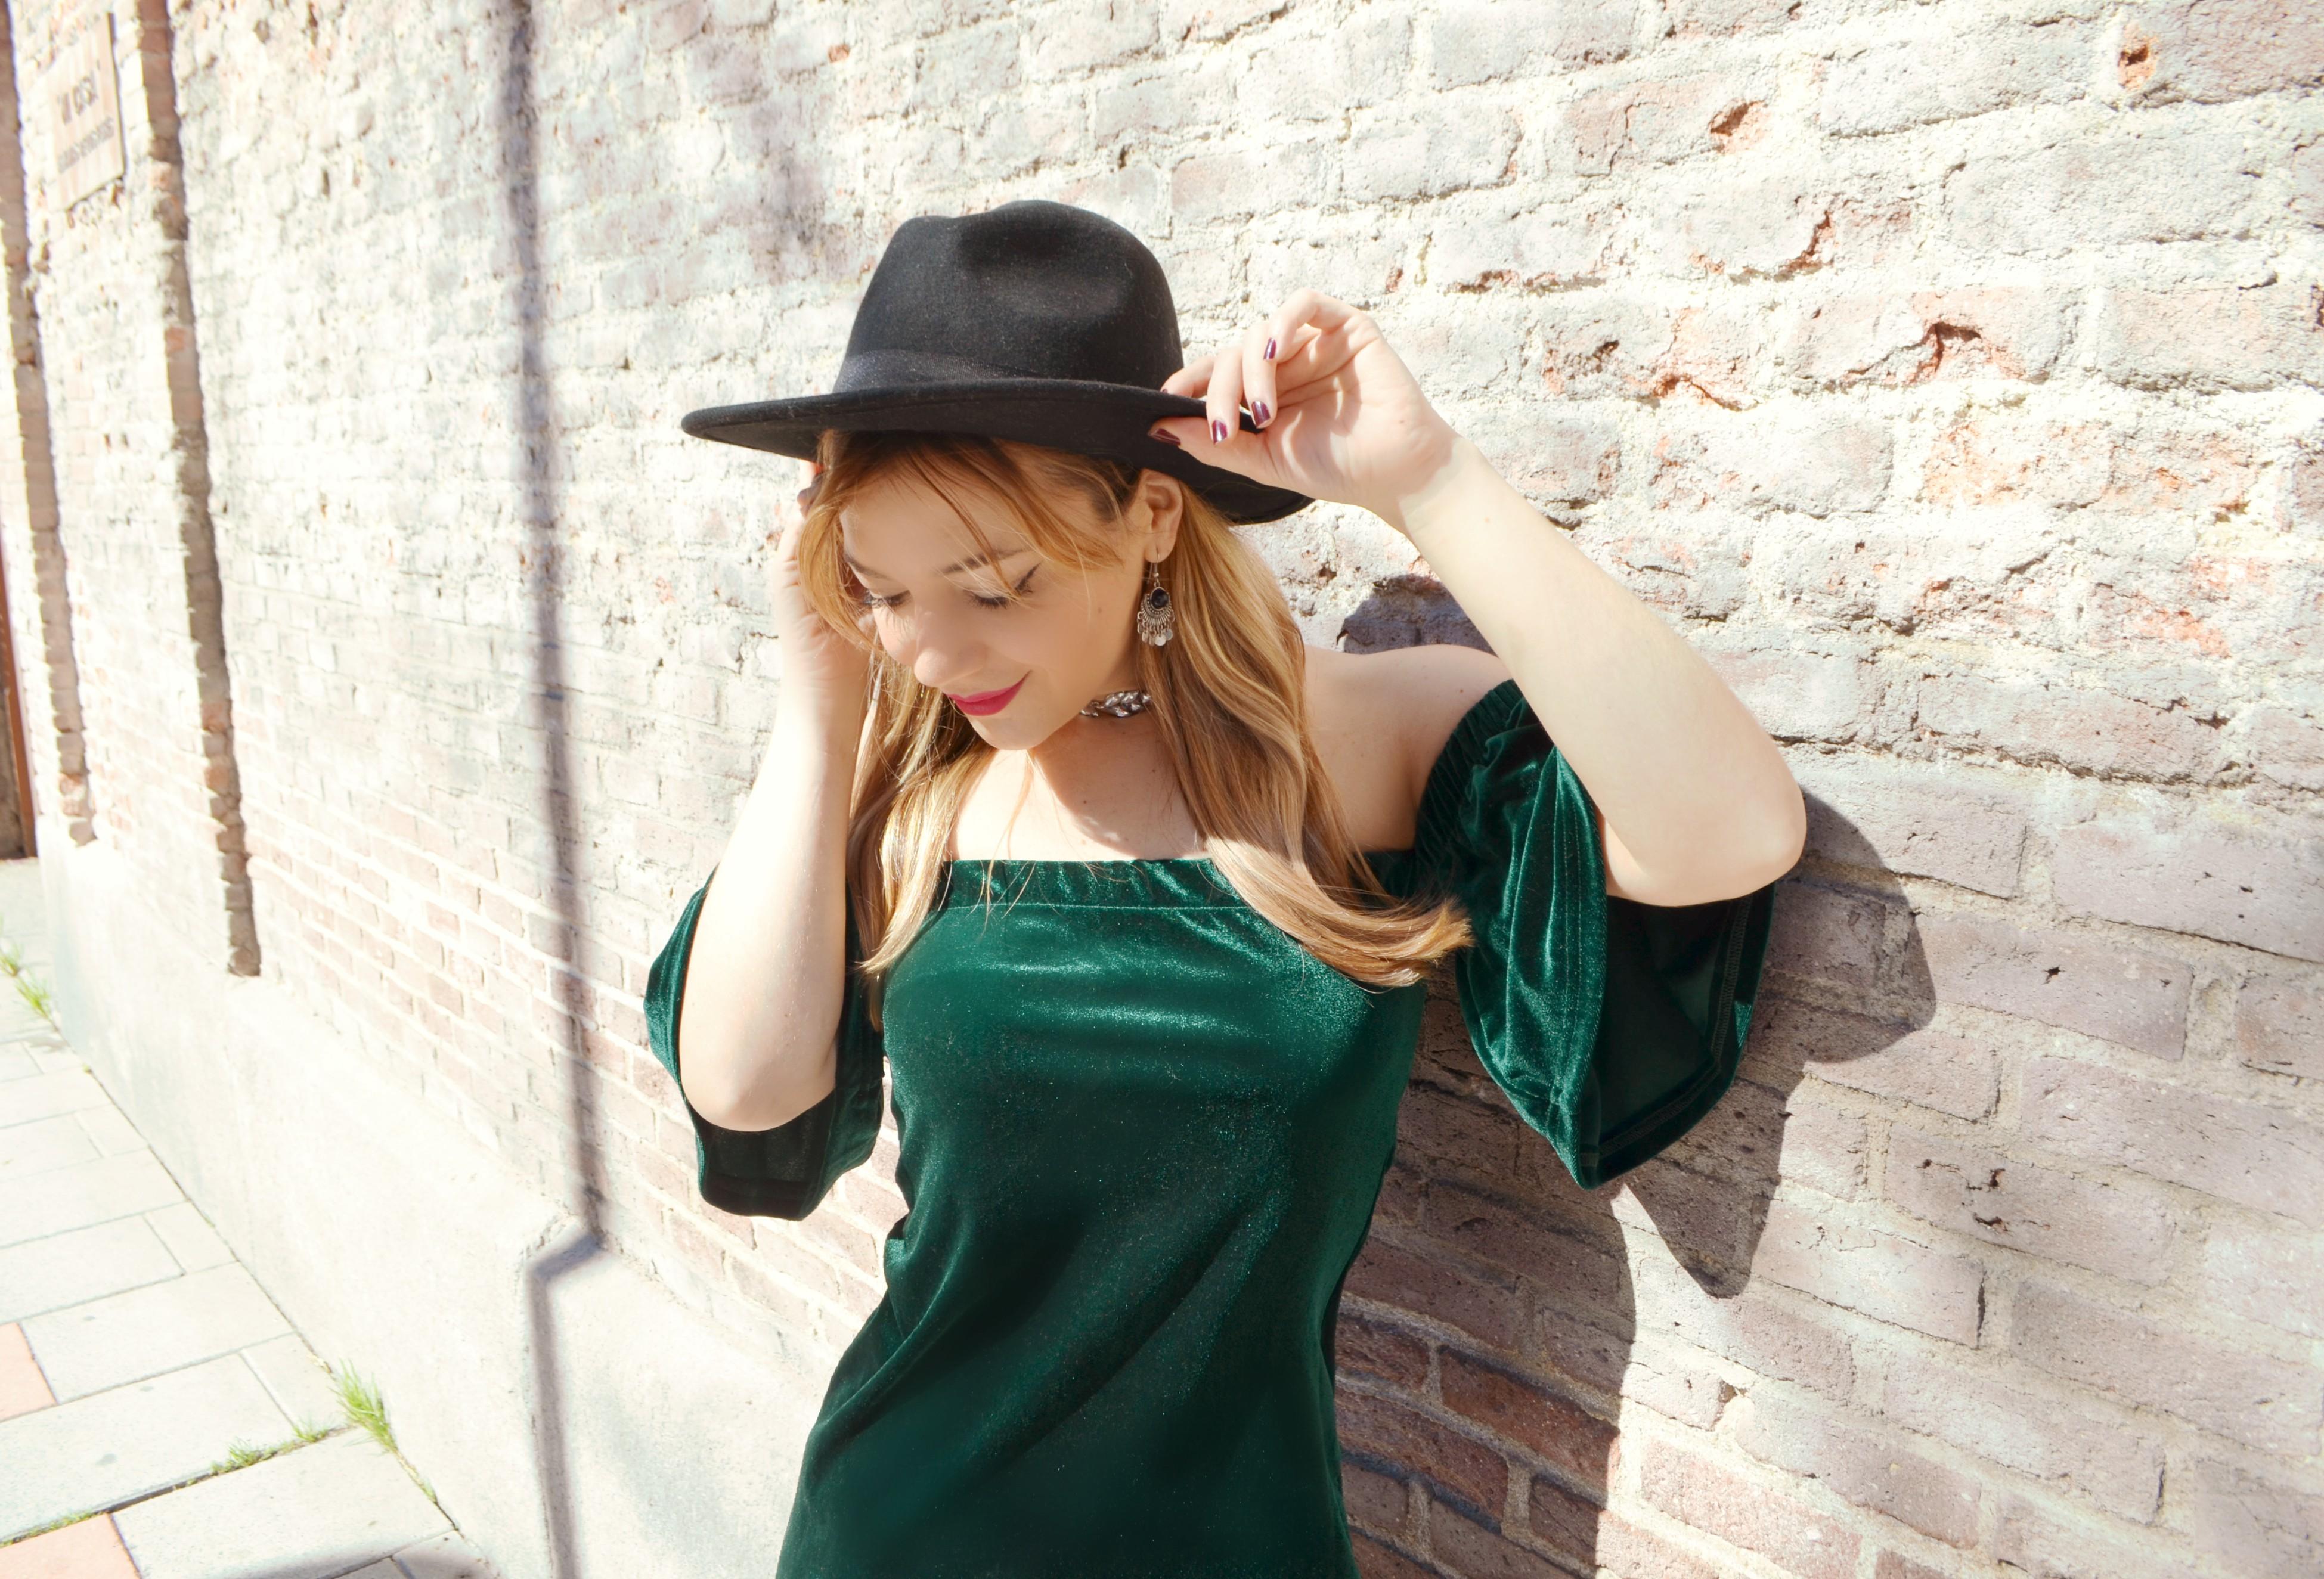 ChicAdicta-blog-de-moda-fashionista-Chic-Adicta-velvet-outfit-vestido-de-terciopelo-shein-free-people-PiensaenChic-Piensa-en-Chic